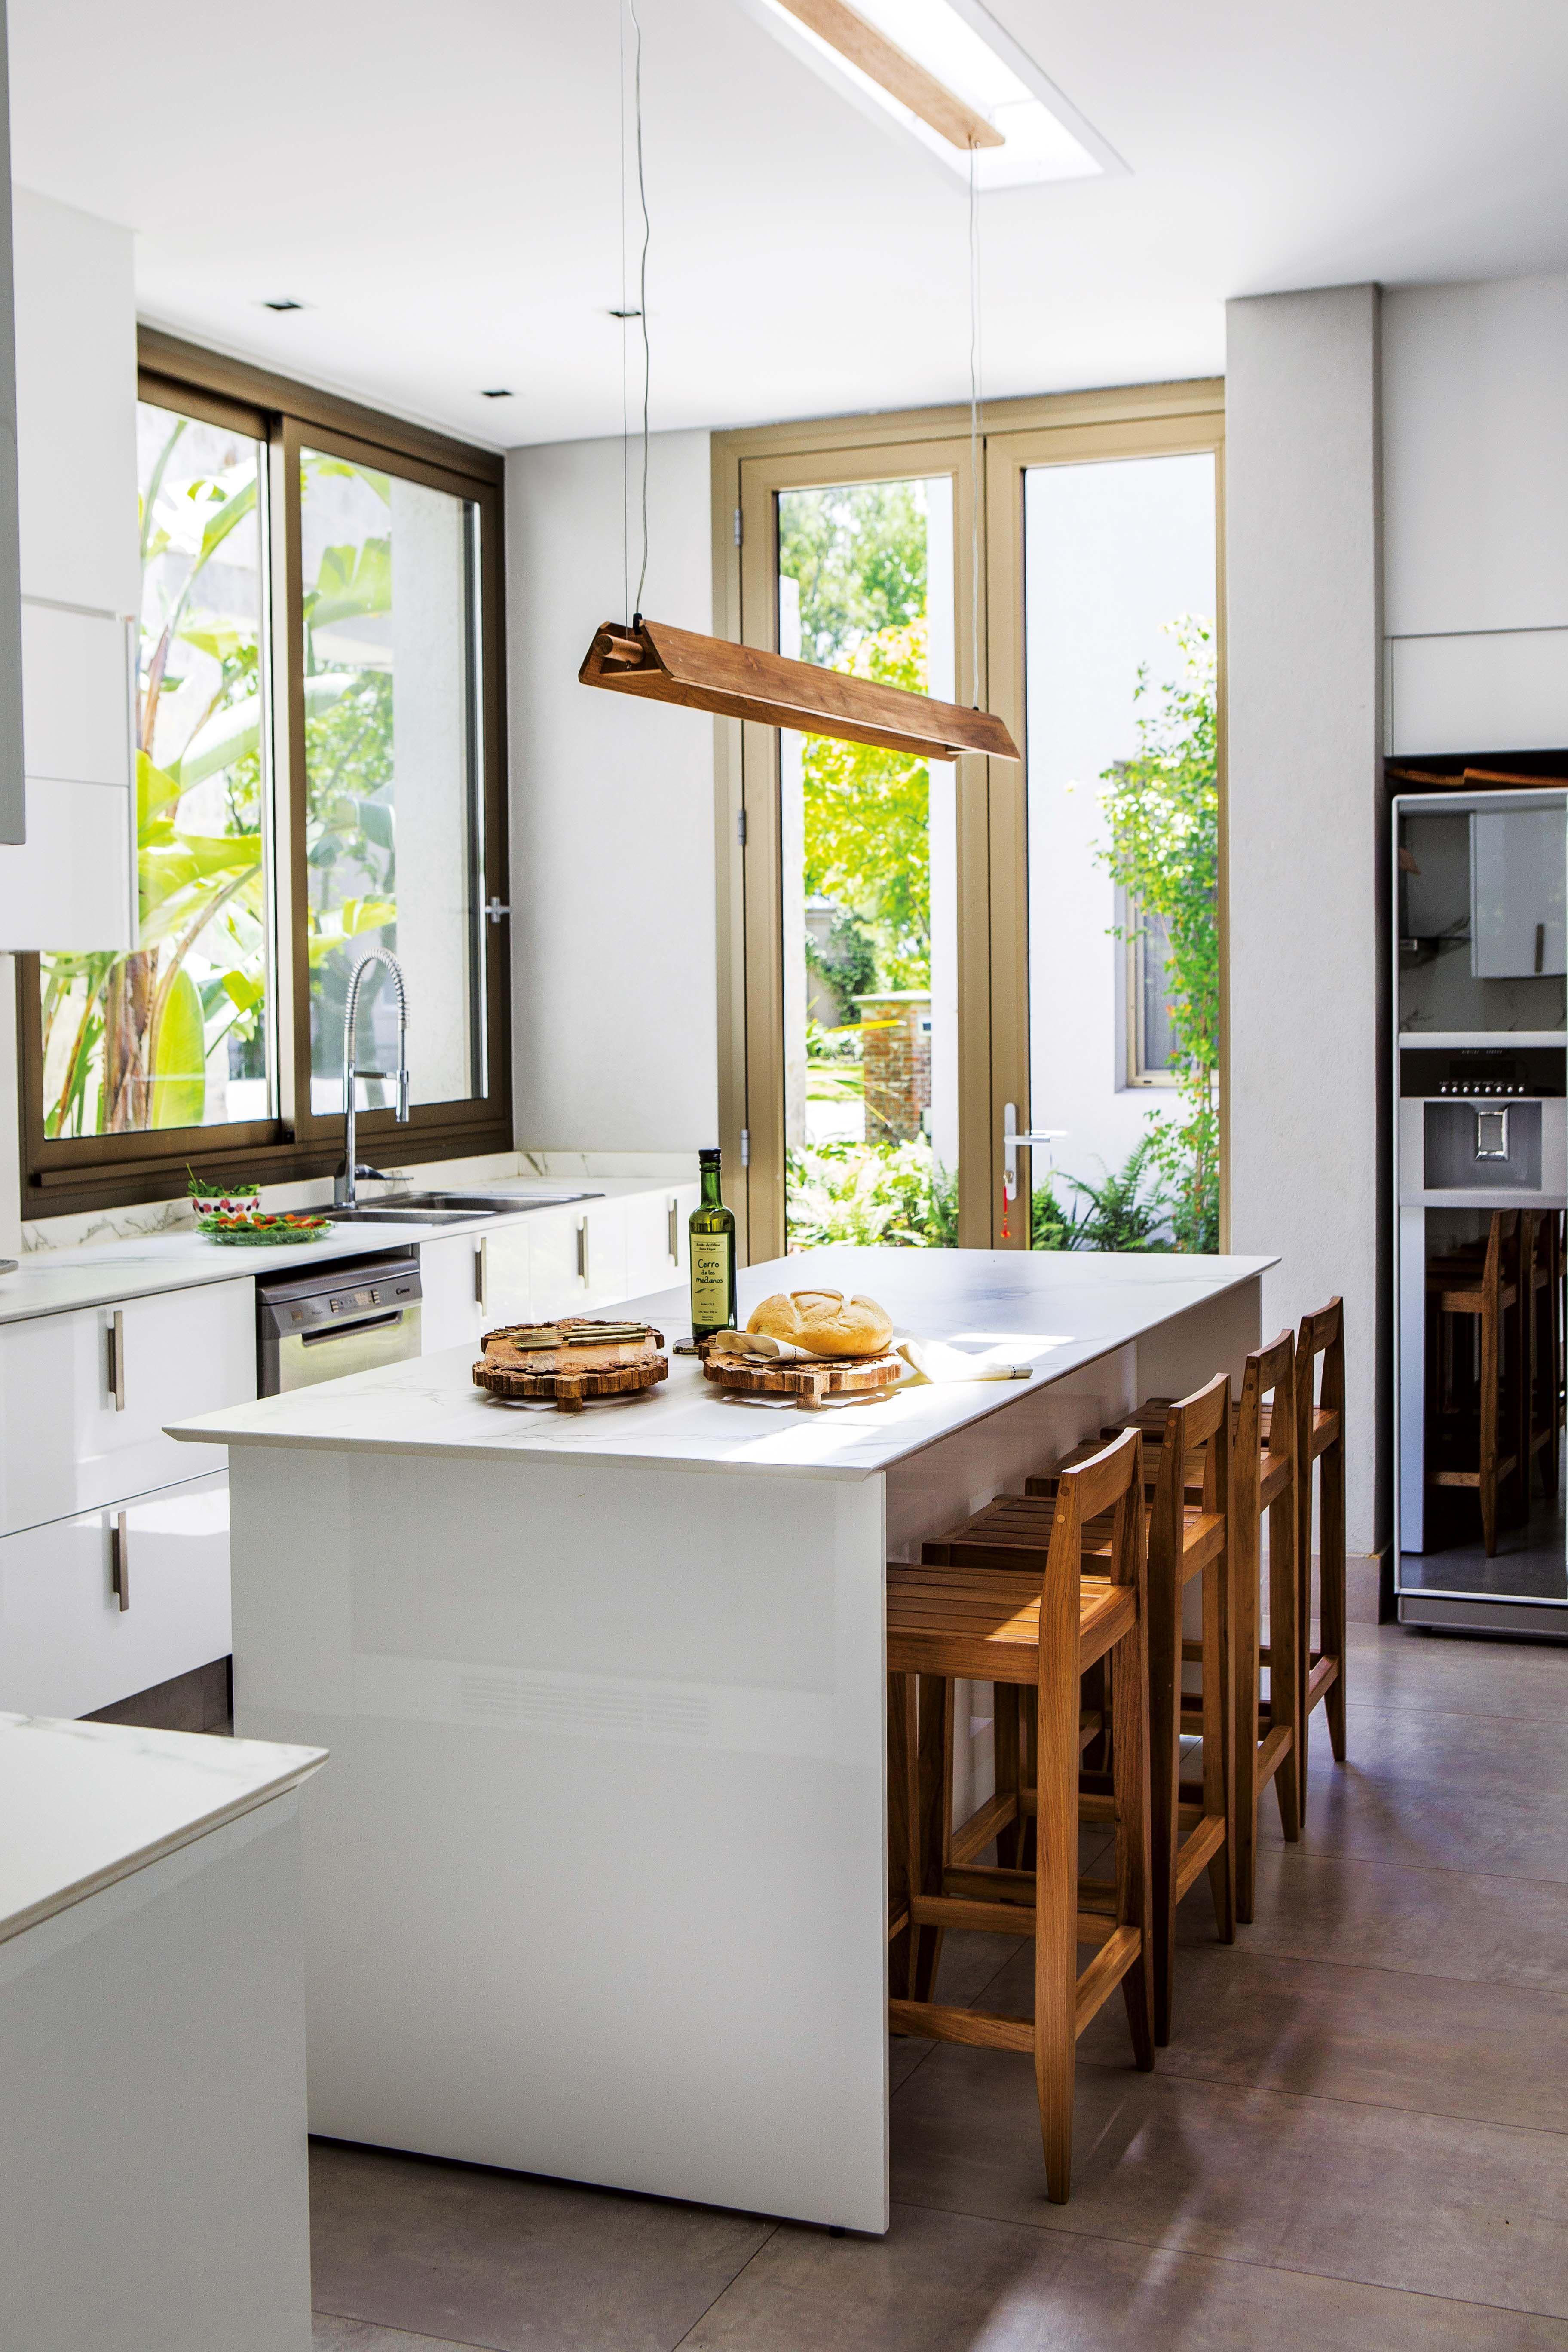 Cocina Super Luminosa Con Gran Ventanal Y Puerta Vidriada Que